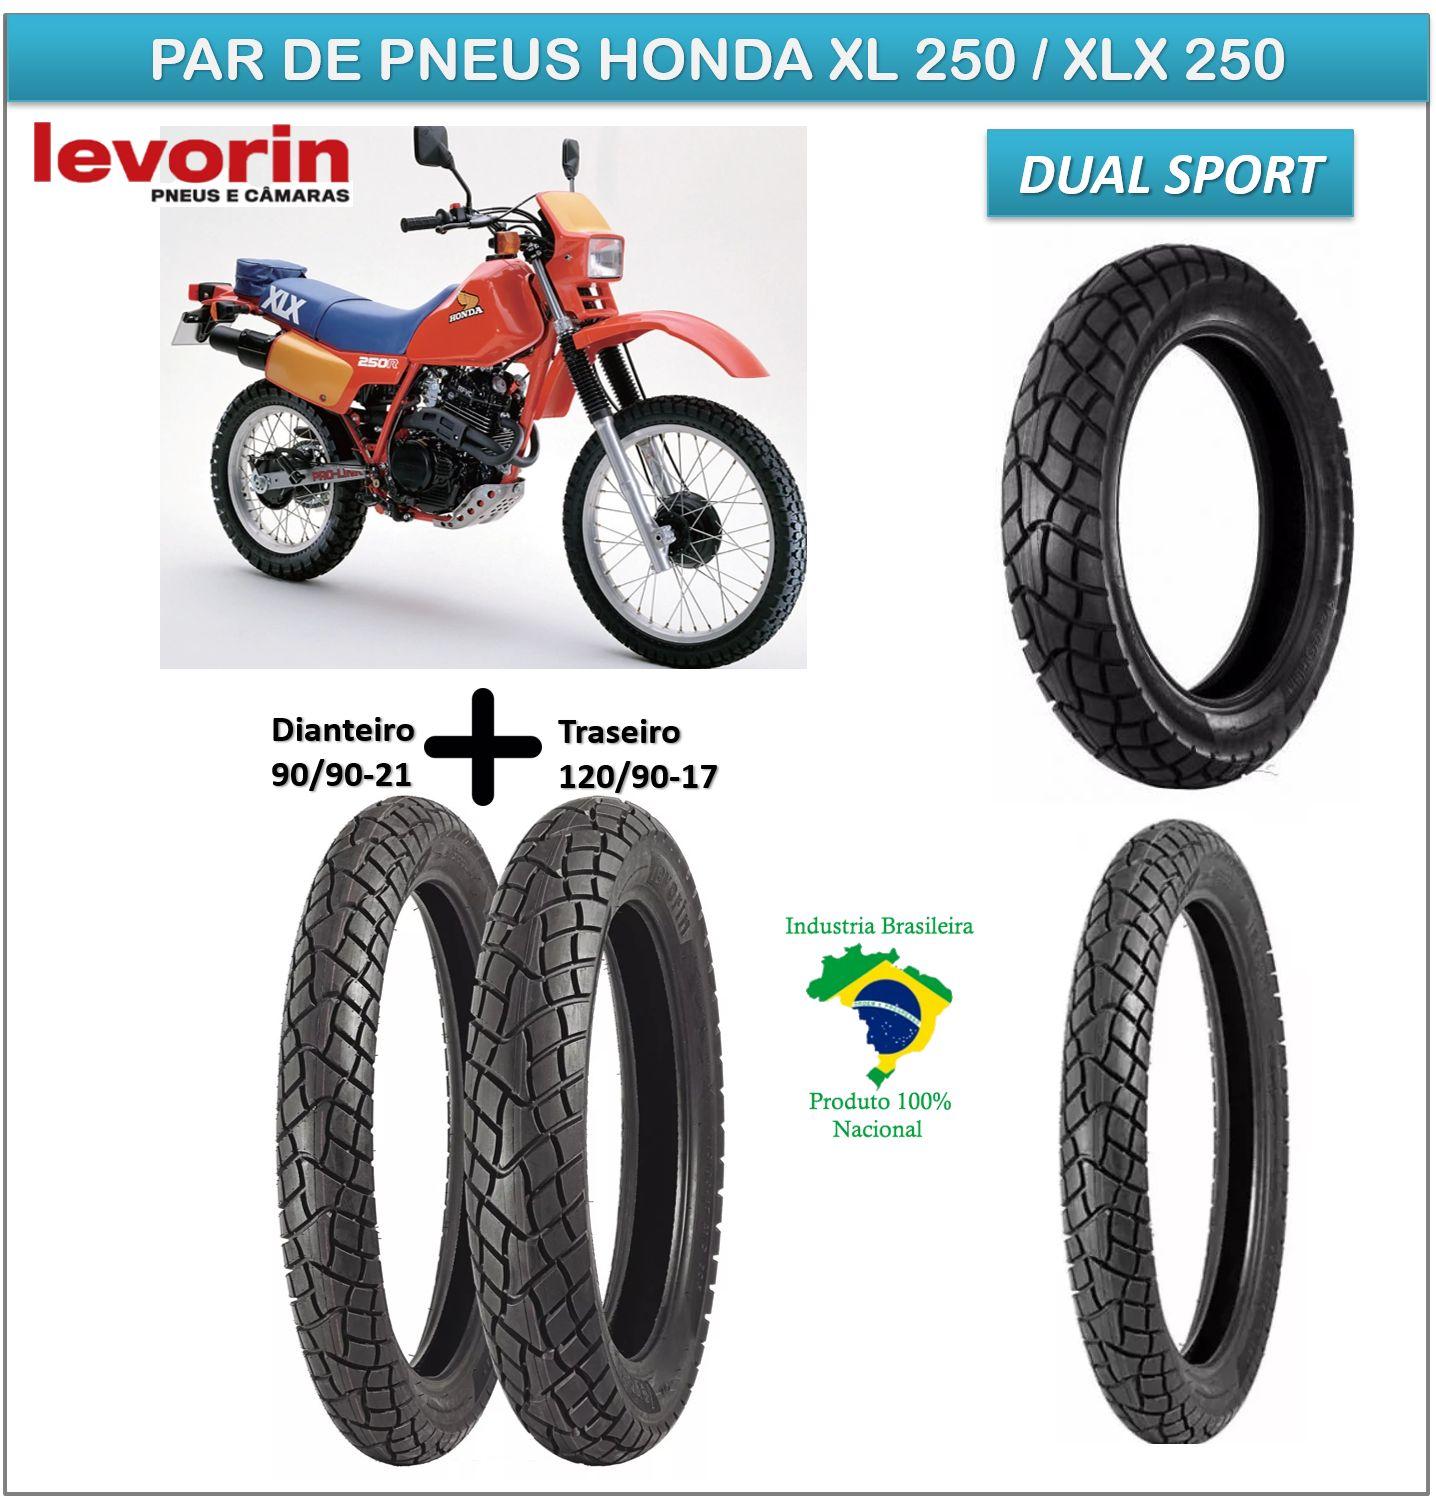 Honda Xl 250 / Xlx 250 Pneu Dianteiro Traseiro Dual Sport